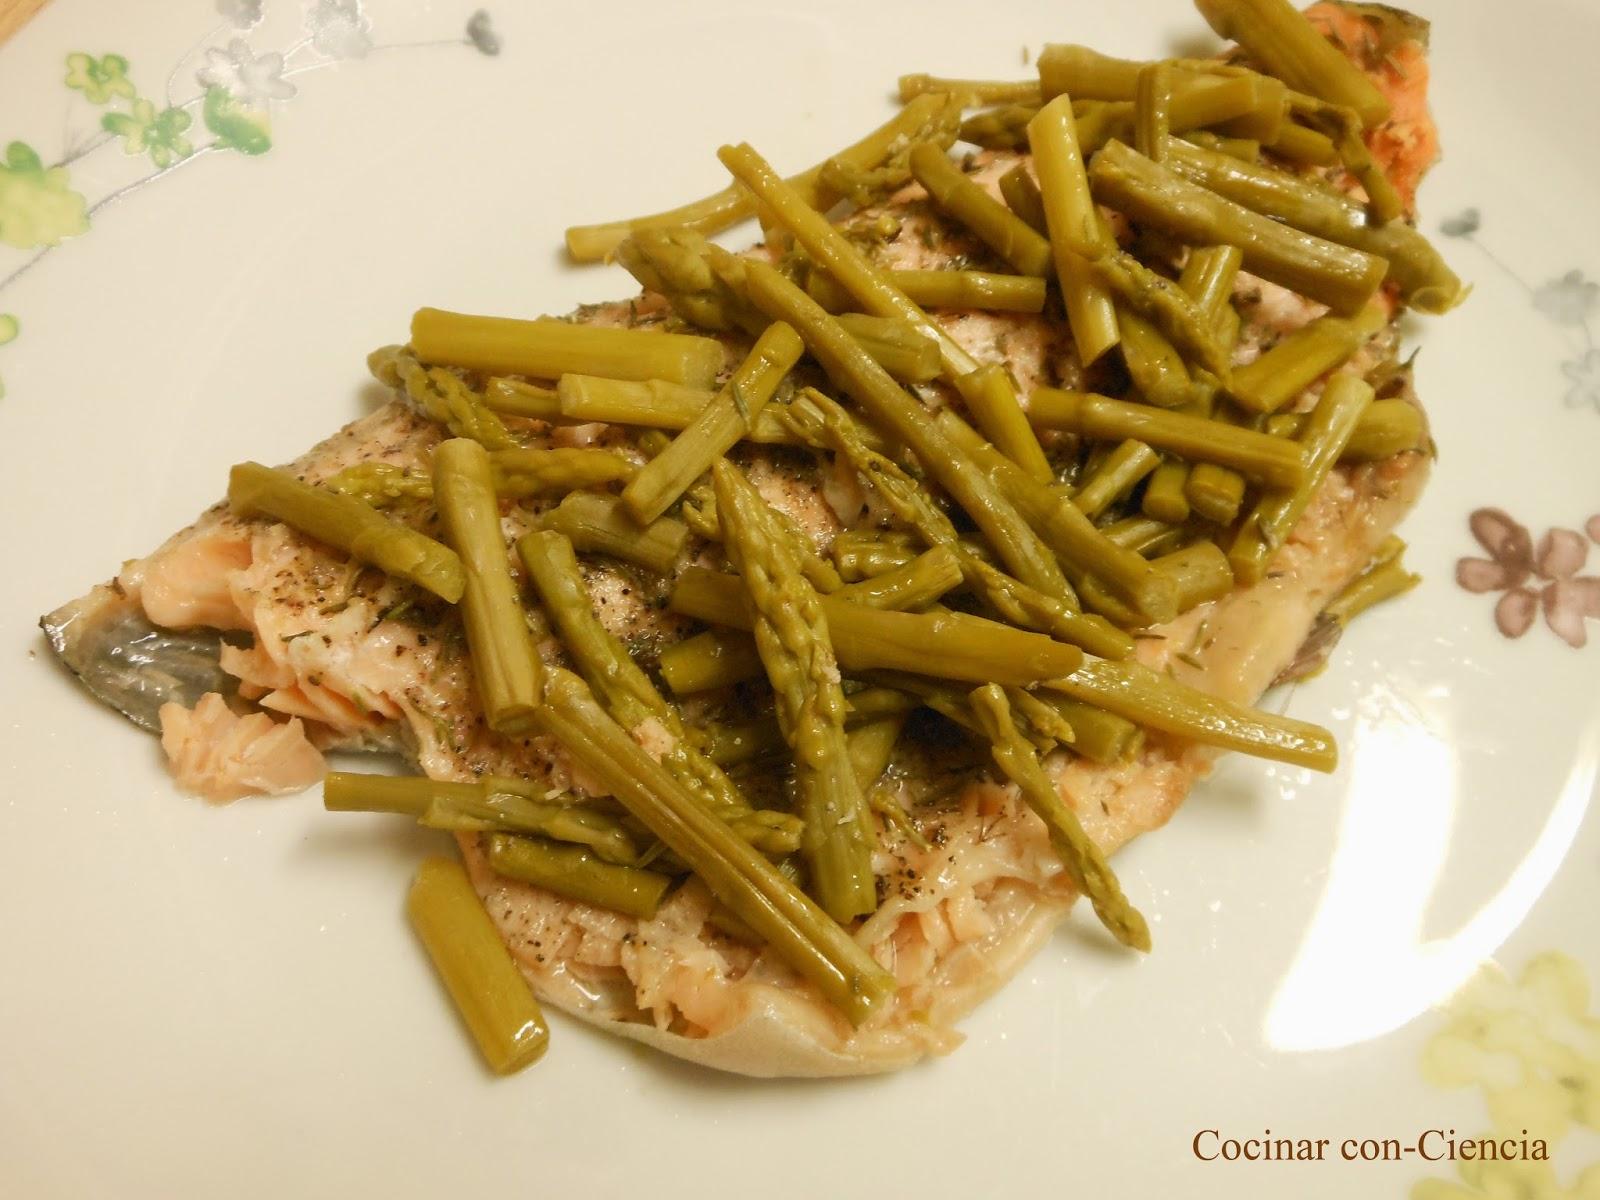 Cocinar Esparragos | Cenas Fulleras 12 Papillote Fullero De Trucha Y Esparragos